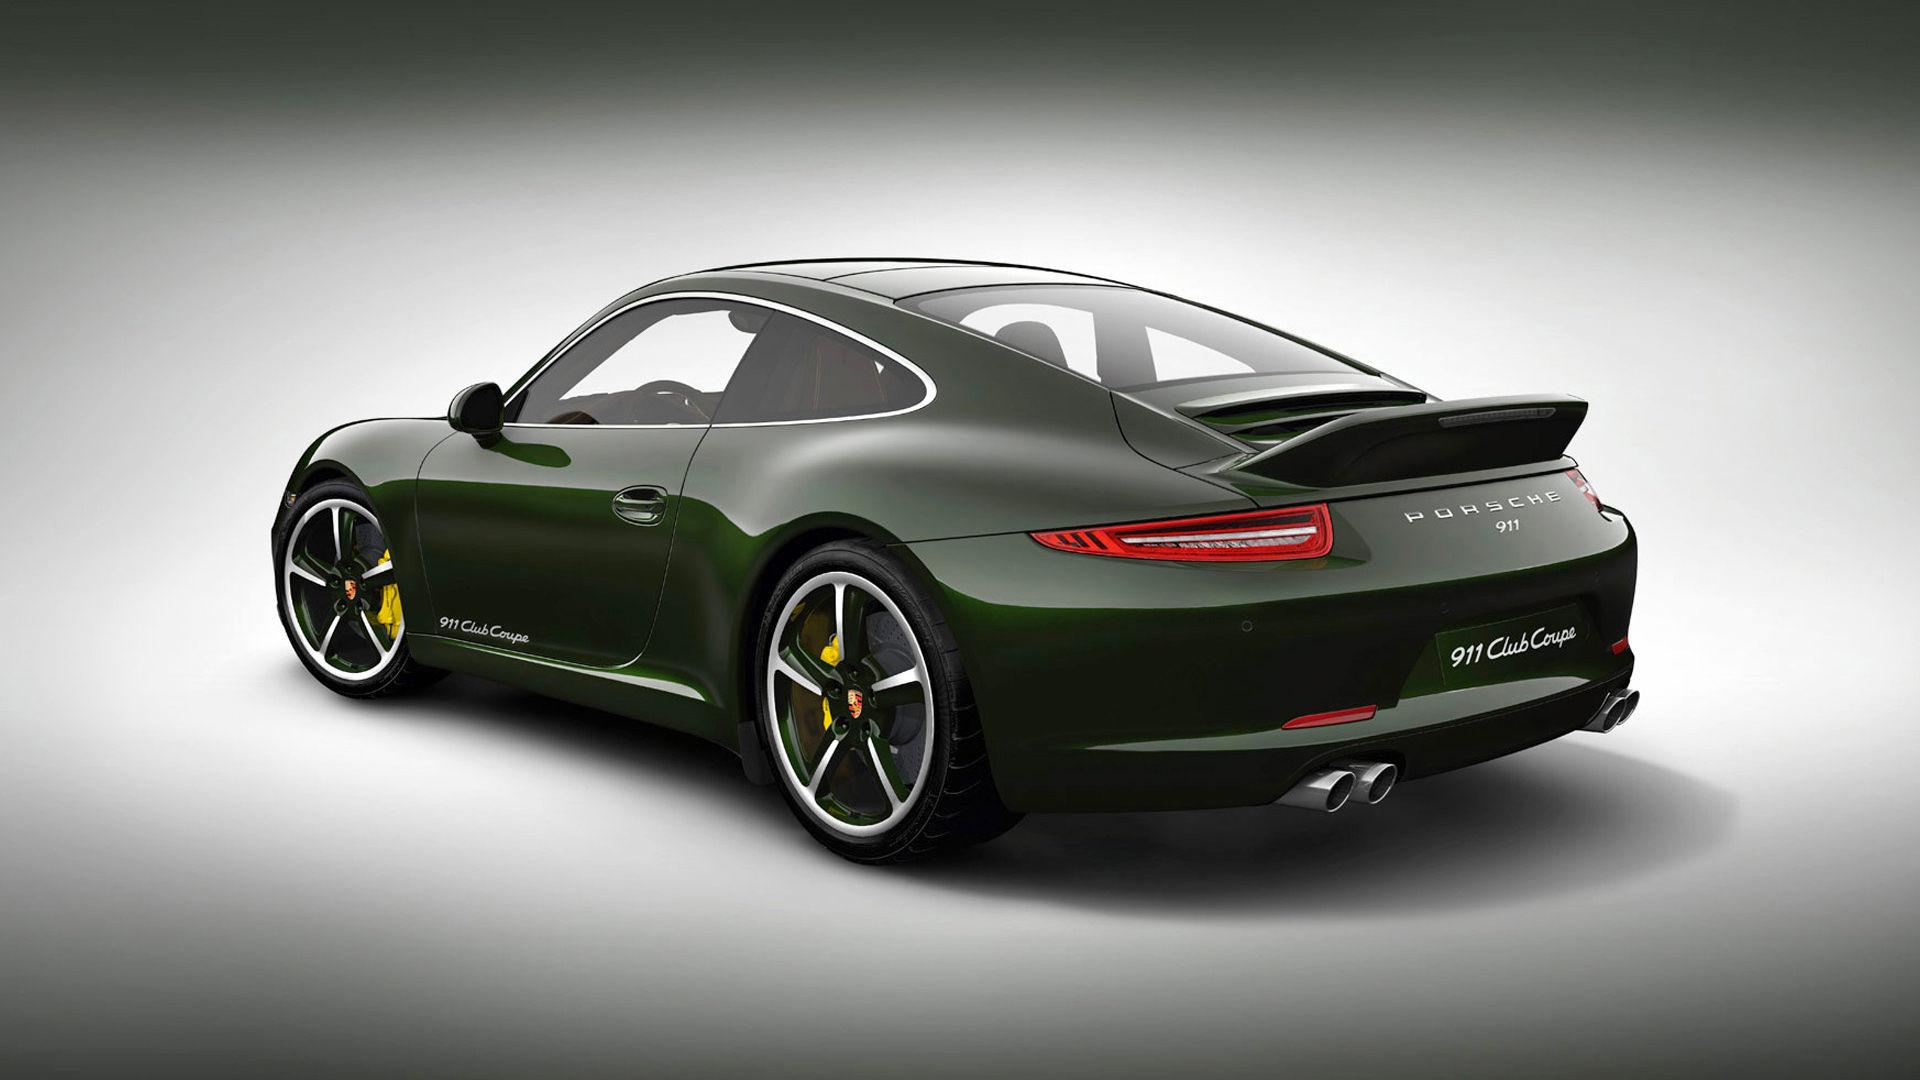 2012 Porsche 911 Club Coupe